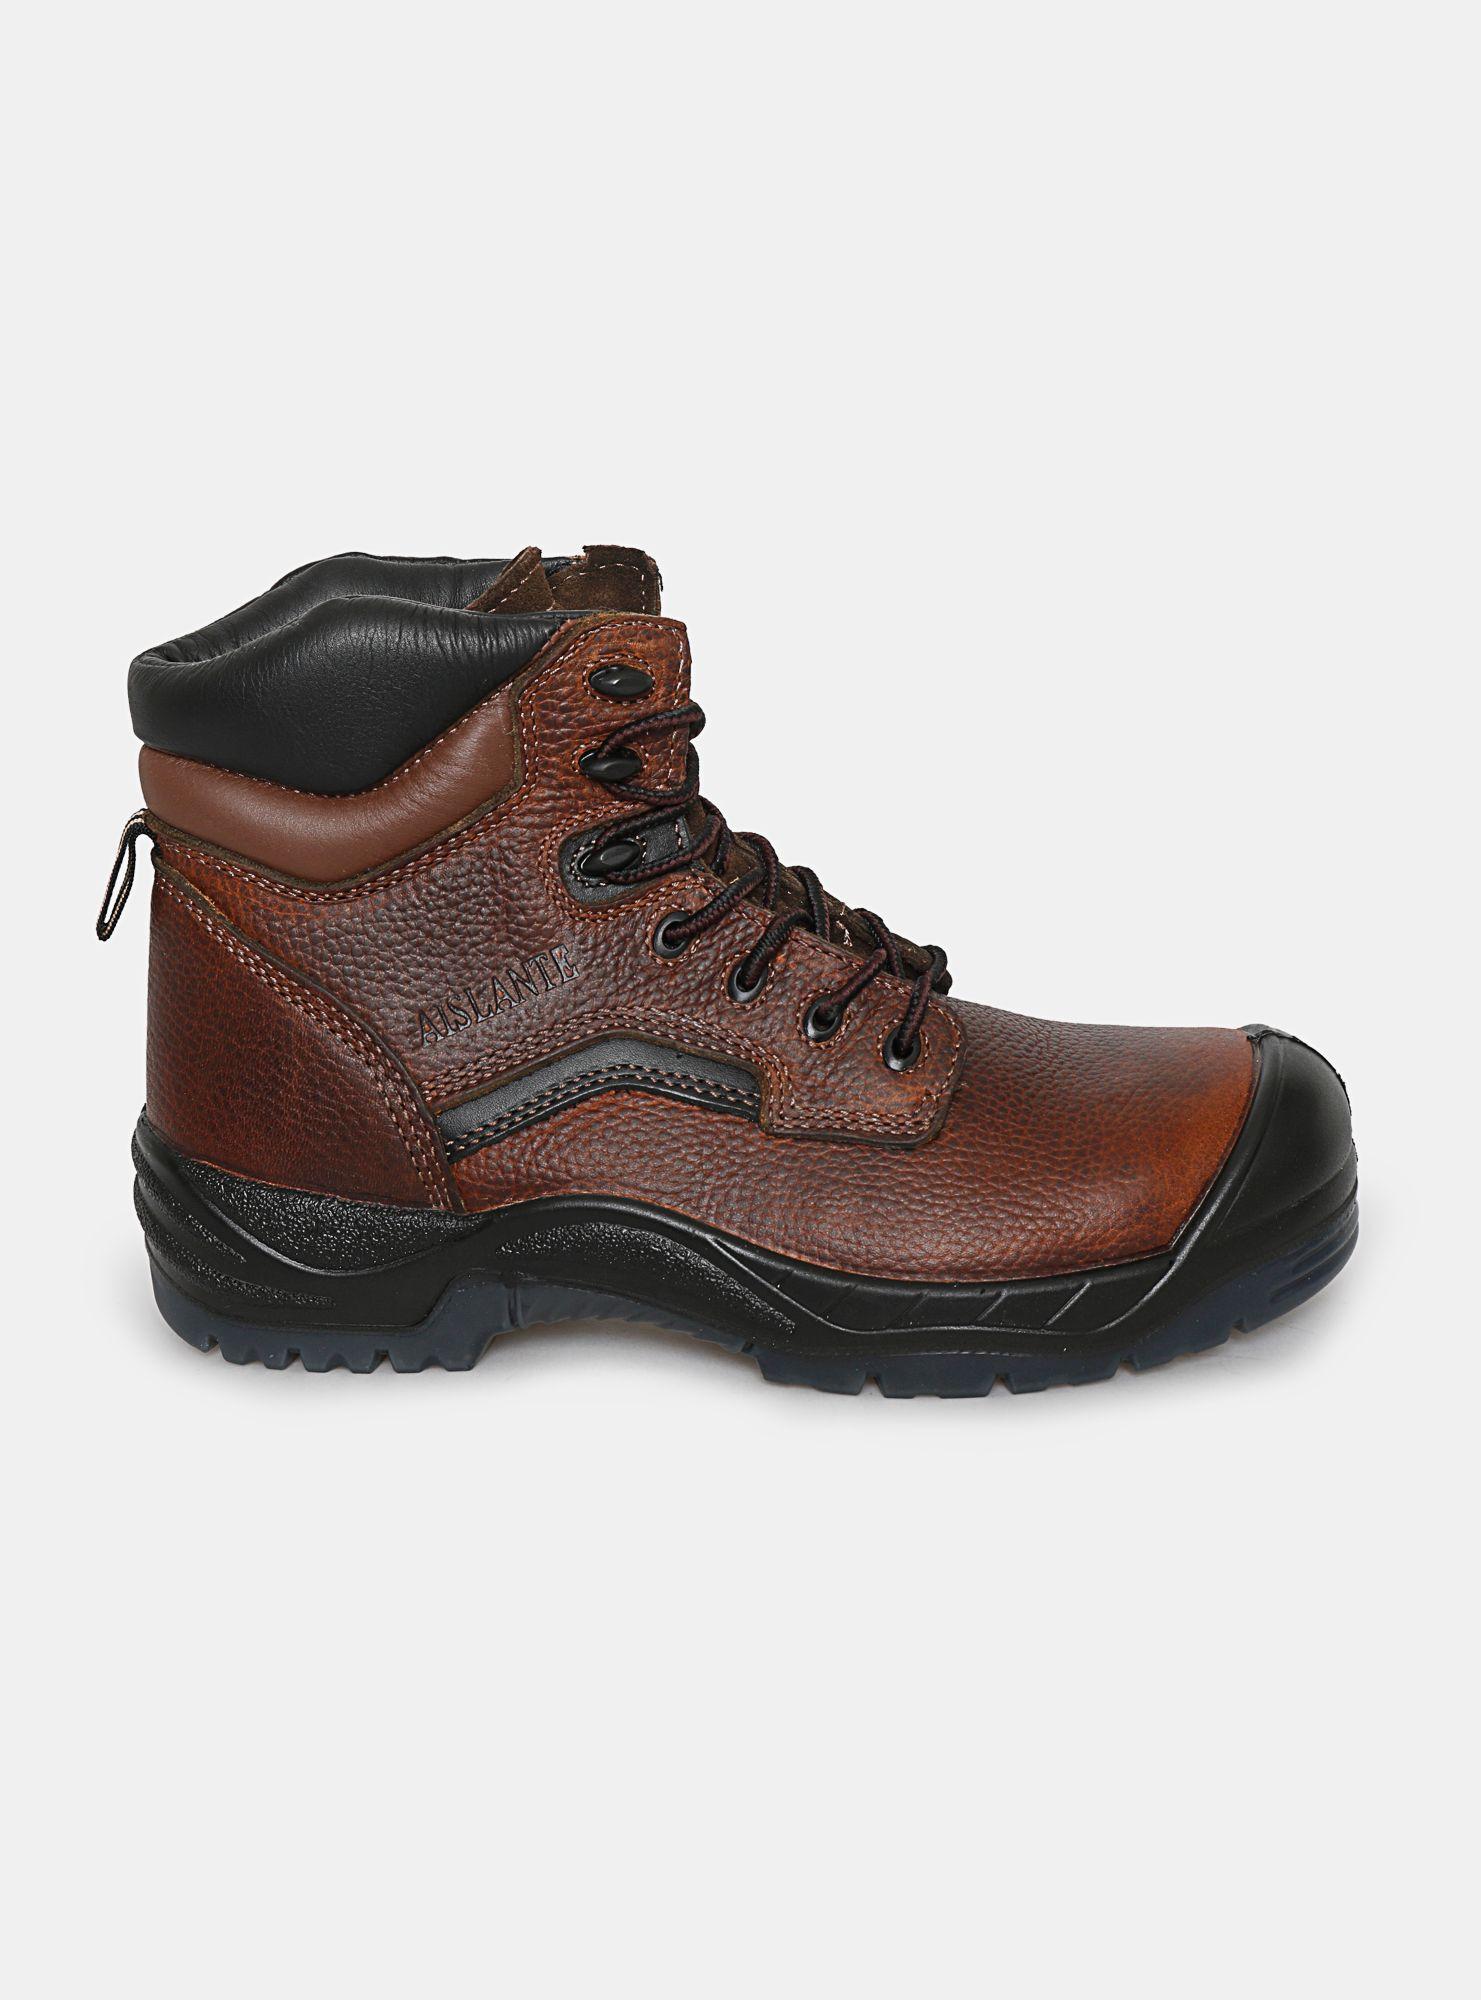 En Nazca Manquehue Hombre Seguridad De Botín Zapatos wv08ymnNO